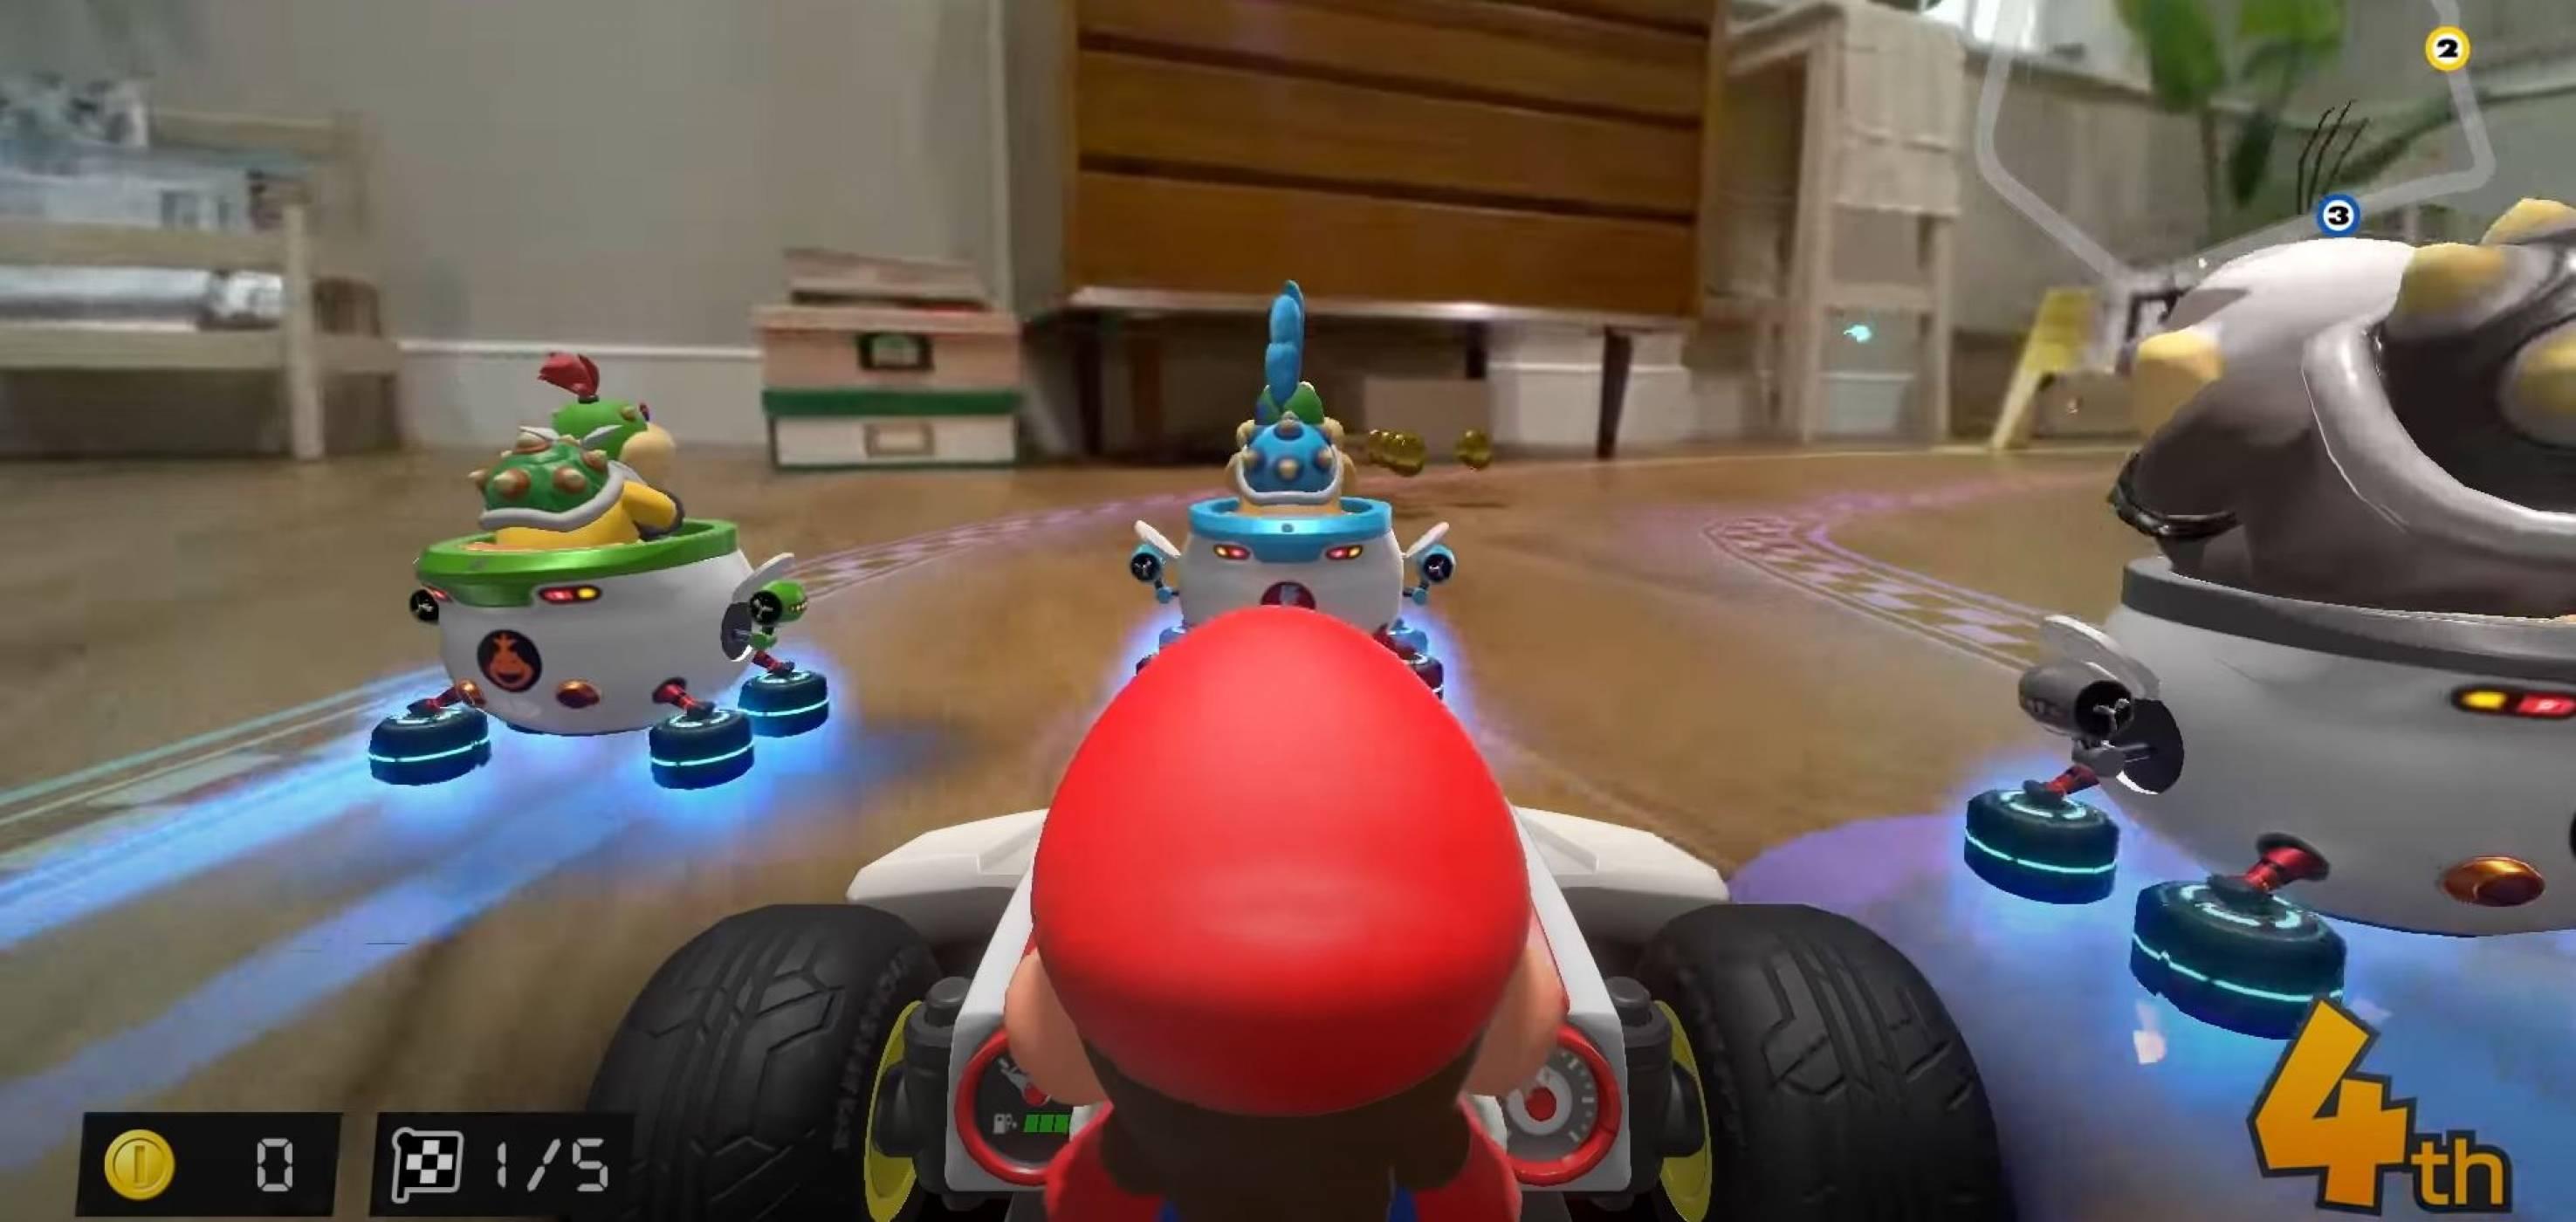 Оставете количките с дистанционно в миналото: картингът със Super Mario излита иззад дивана (ВИДЕО)